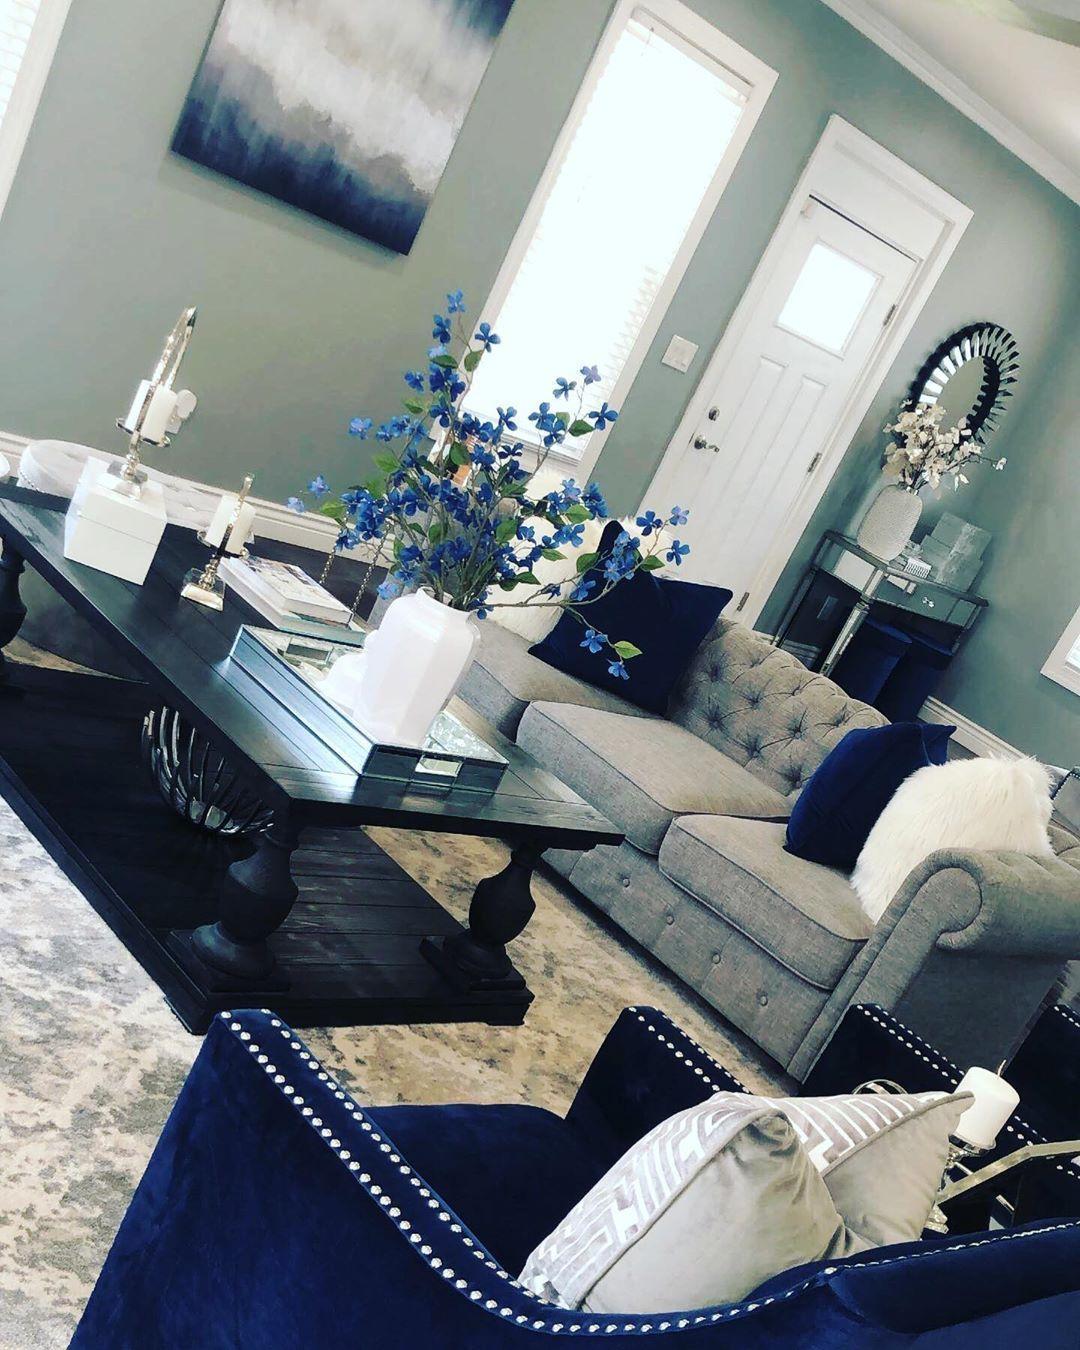 Zgallerie Living Room Silver Zgallerie Living Room Living Room Silver Z In 2020 Living Room Decor Grey And Blue Living Room Decor Apartment Living Room Decor Gray #silver #living #room #ideas